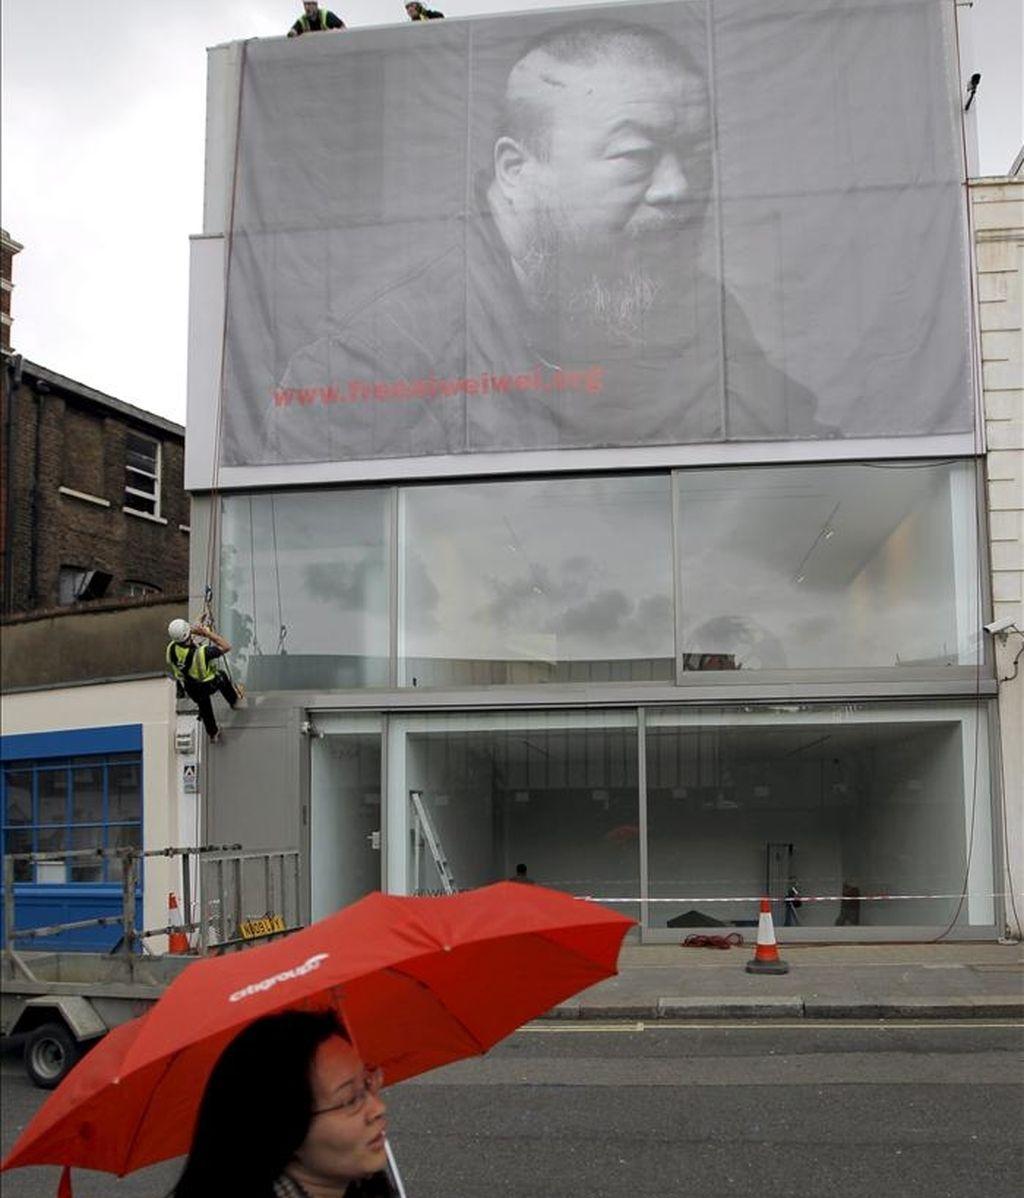 Unos trabajadores despliegan un gran cartel con un retrato en blanco y negro del artista chino Ai Weiwei antes de la inauguración de una exposición retrospectiva sobre los últimos seis años de su obra en la galería Lisson en Londres, Reino Unido. EFE